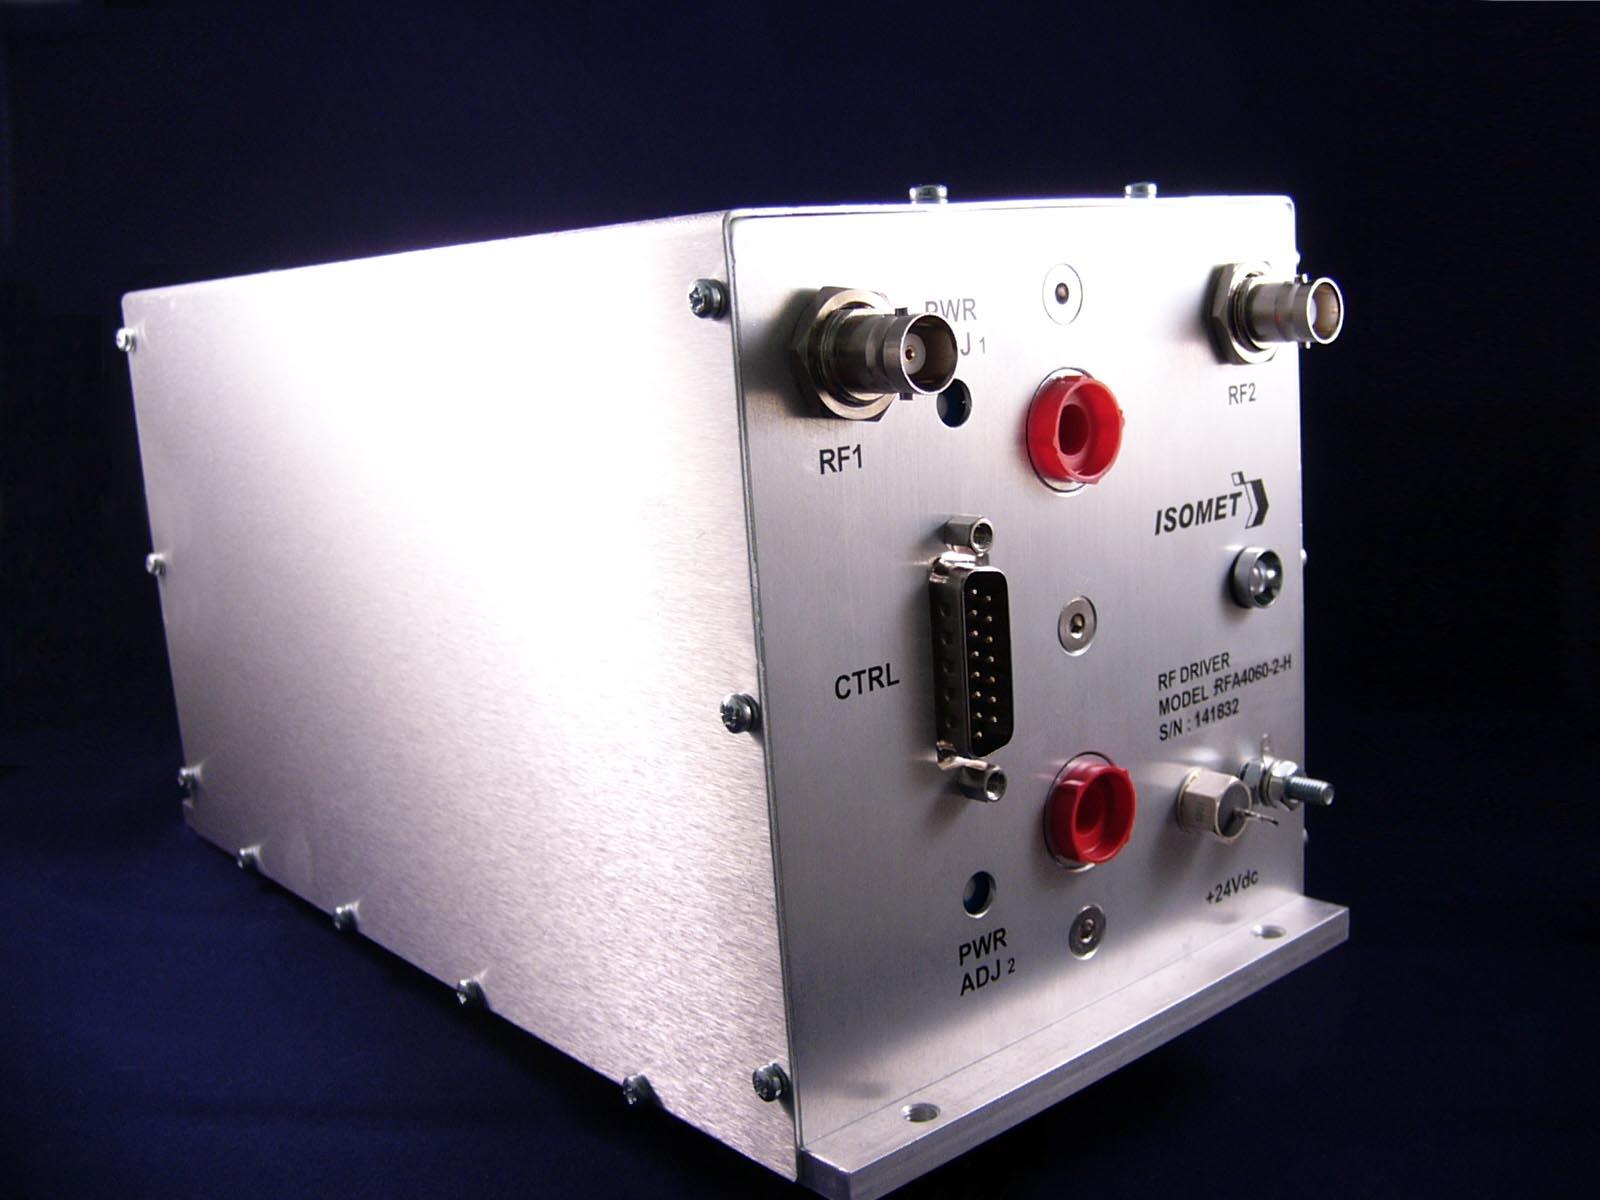 ISOMET RFA4060-2